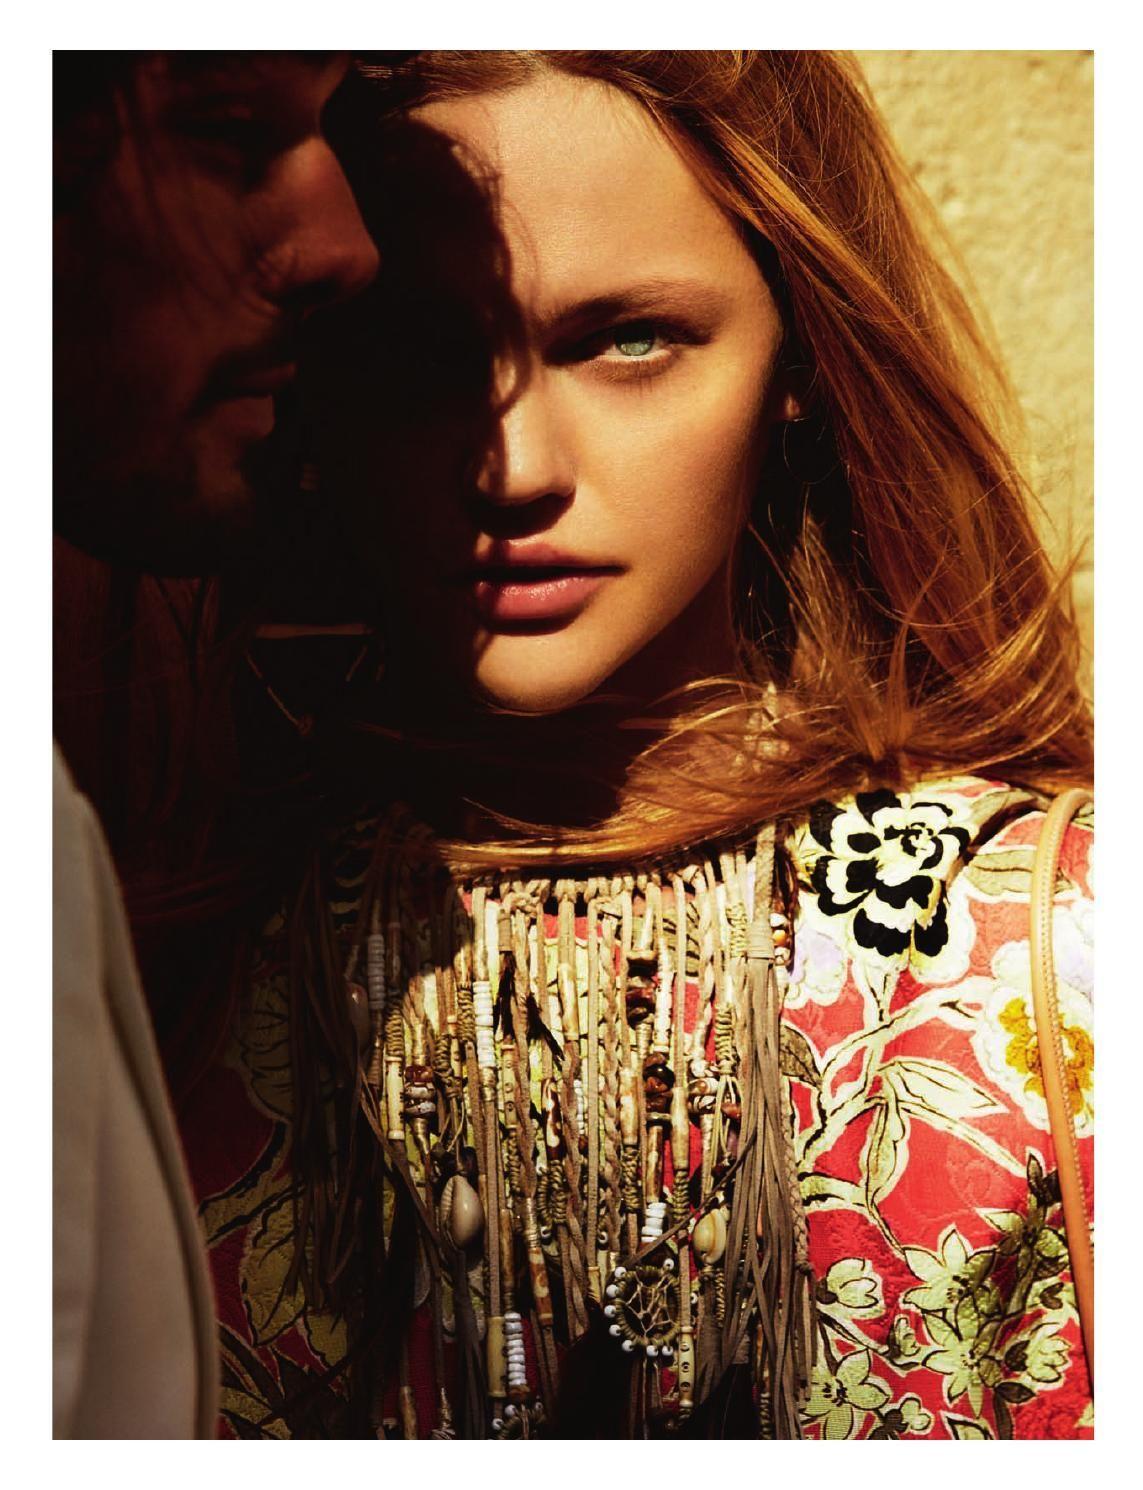 A Magazine, Issue 76   Hot romance, Magazine, Sasha pivovarova